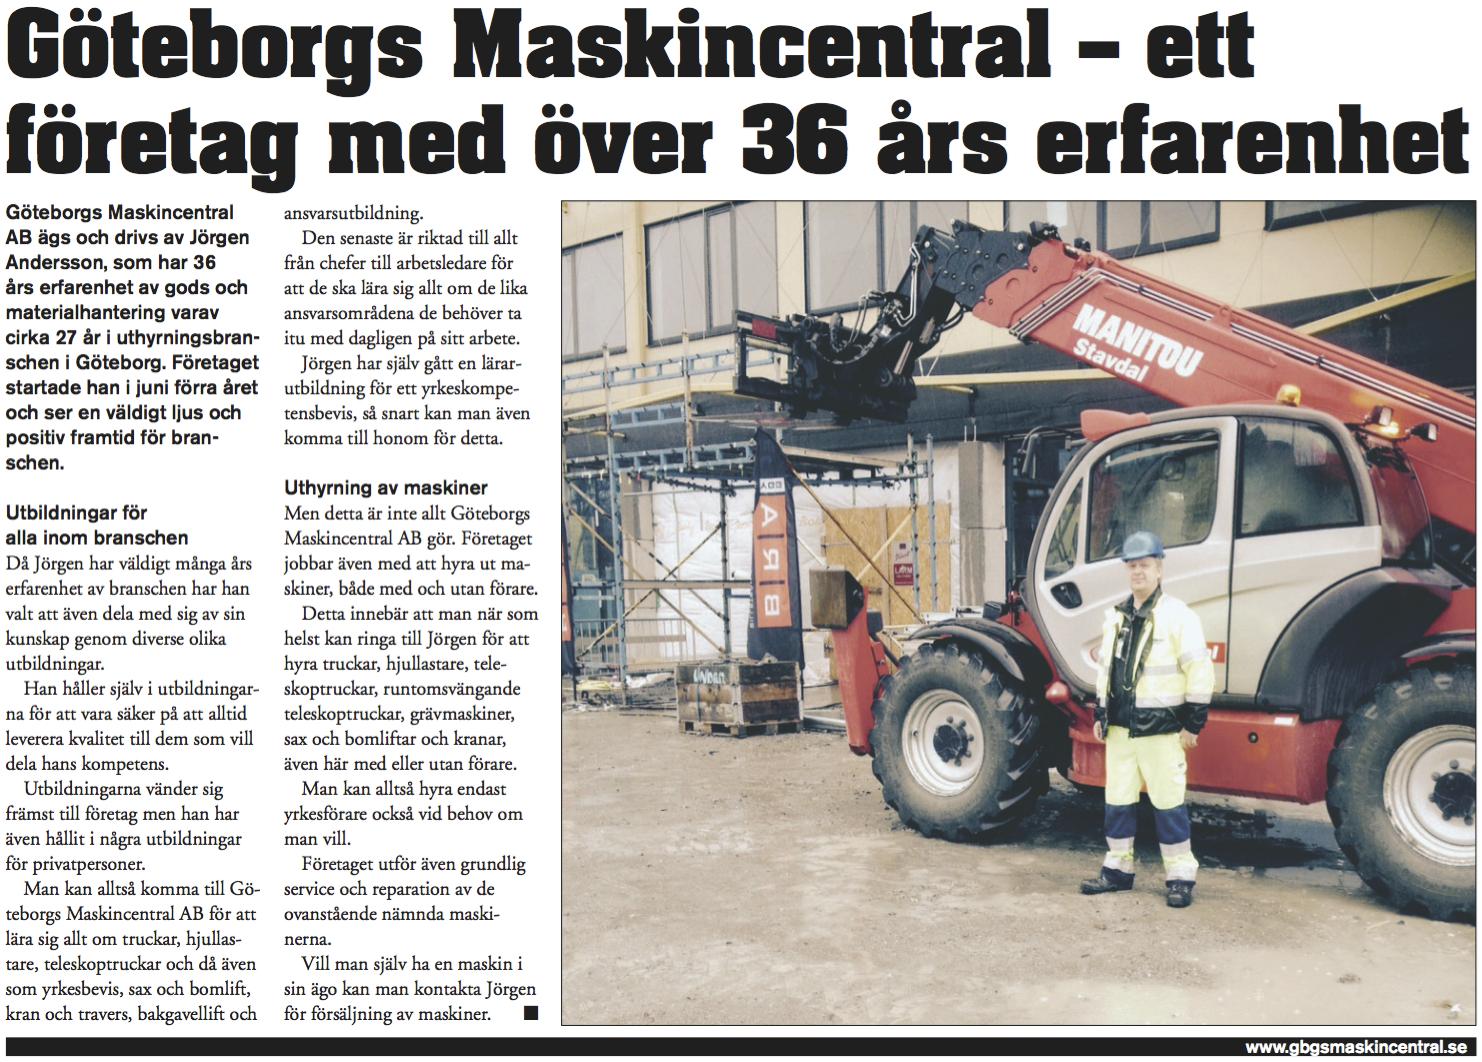 GbgMaskincentral-GP